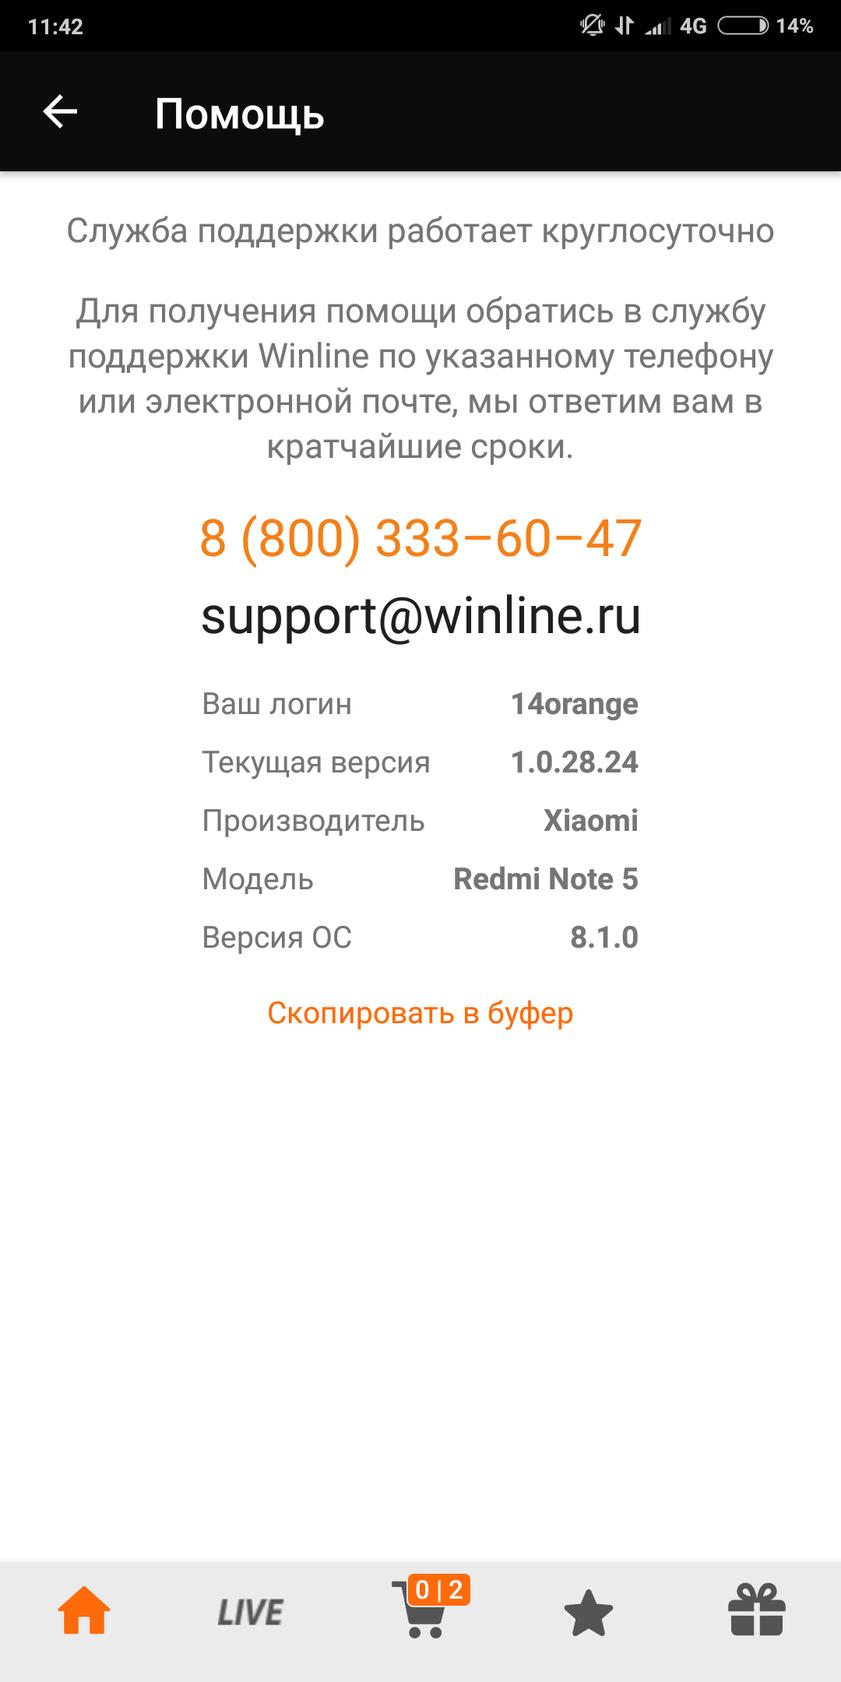 thumb_5c65296ae94d5_1550133610.png